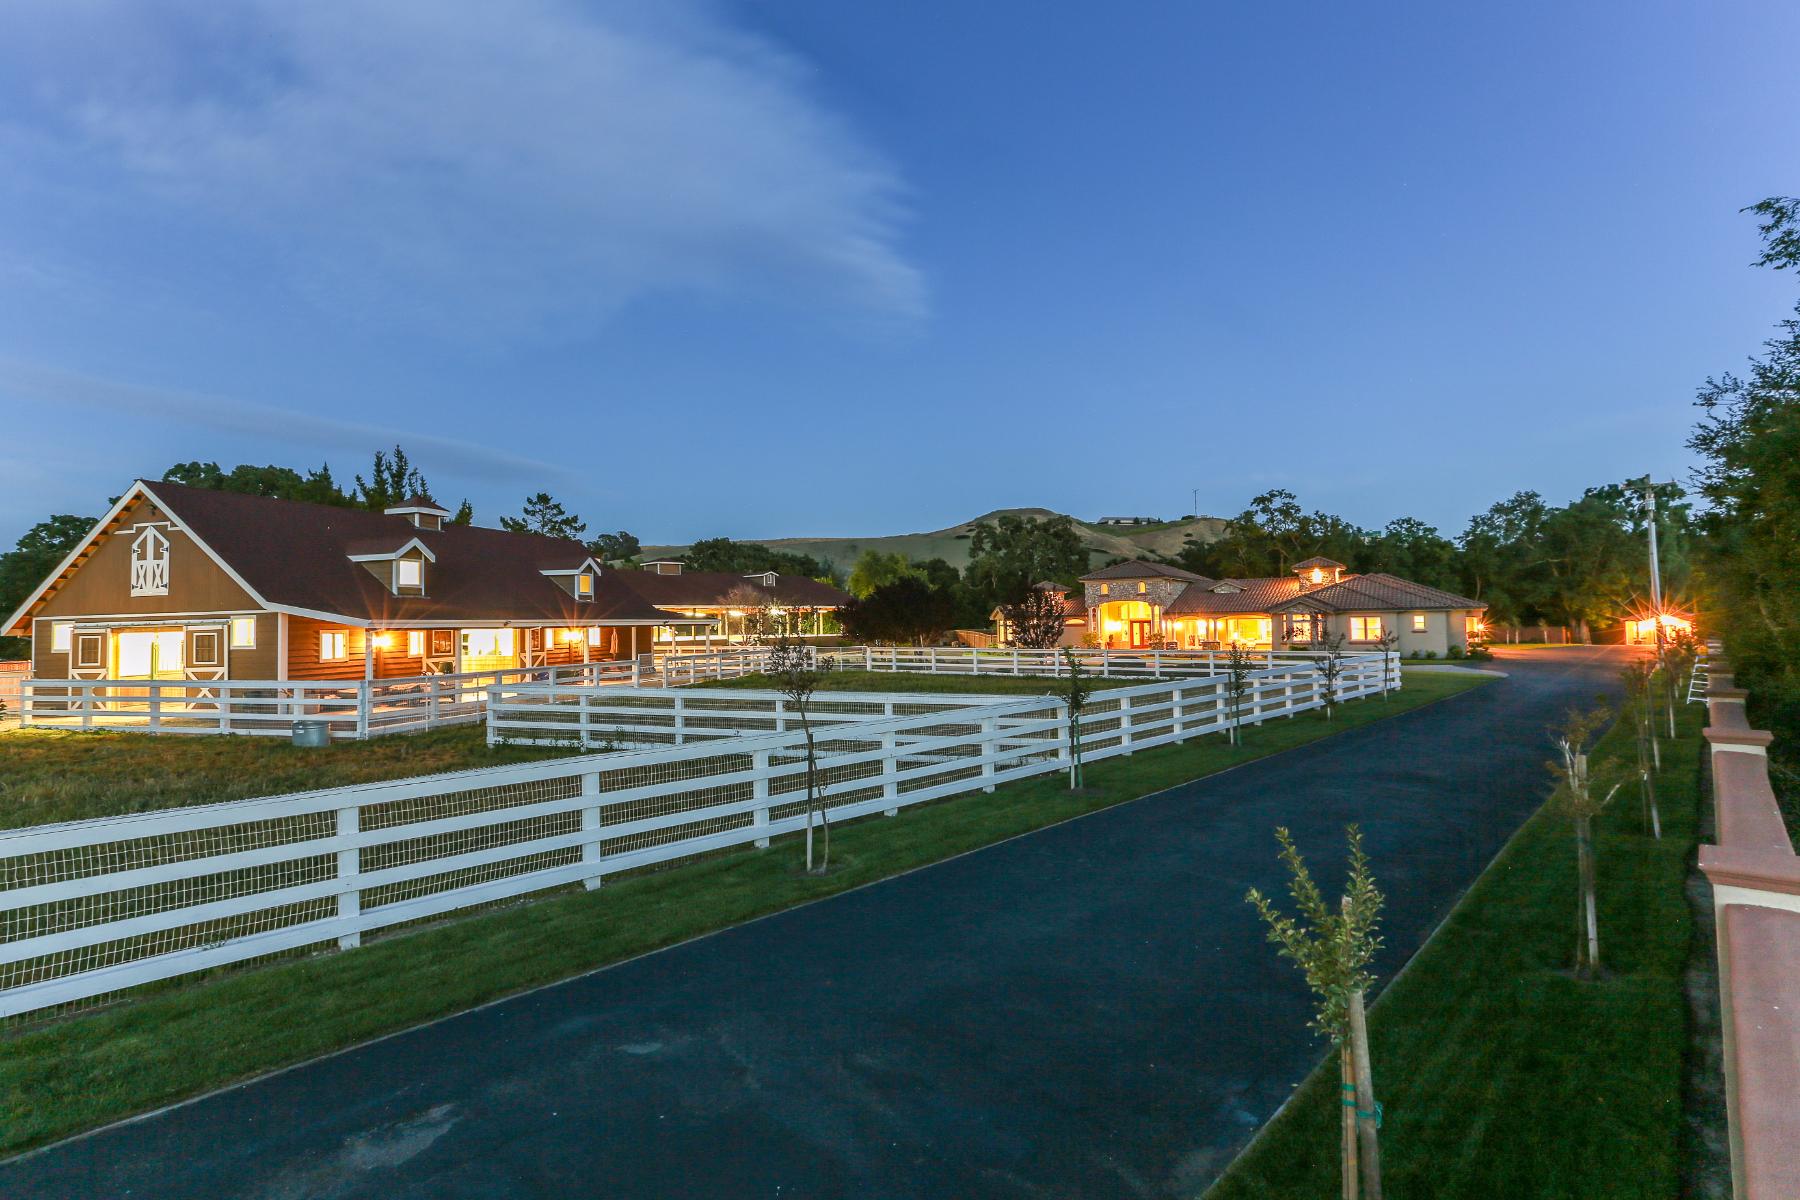 Maison unifamiliale pour l Vente à Villa Bianchi an Impressive Equestrian Estate! 5530 Johnston Rd Danville, Californie 94506 États-Unis